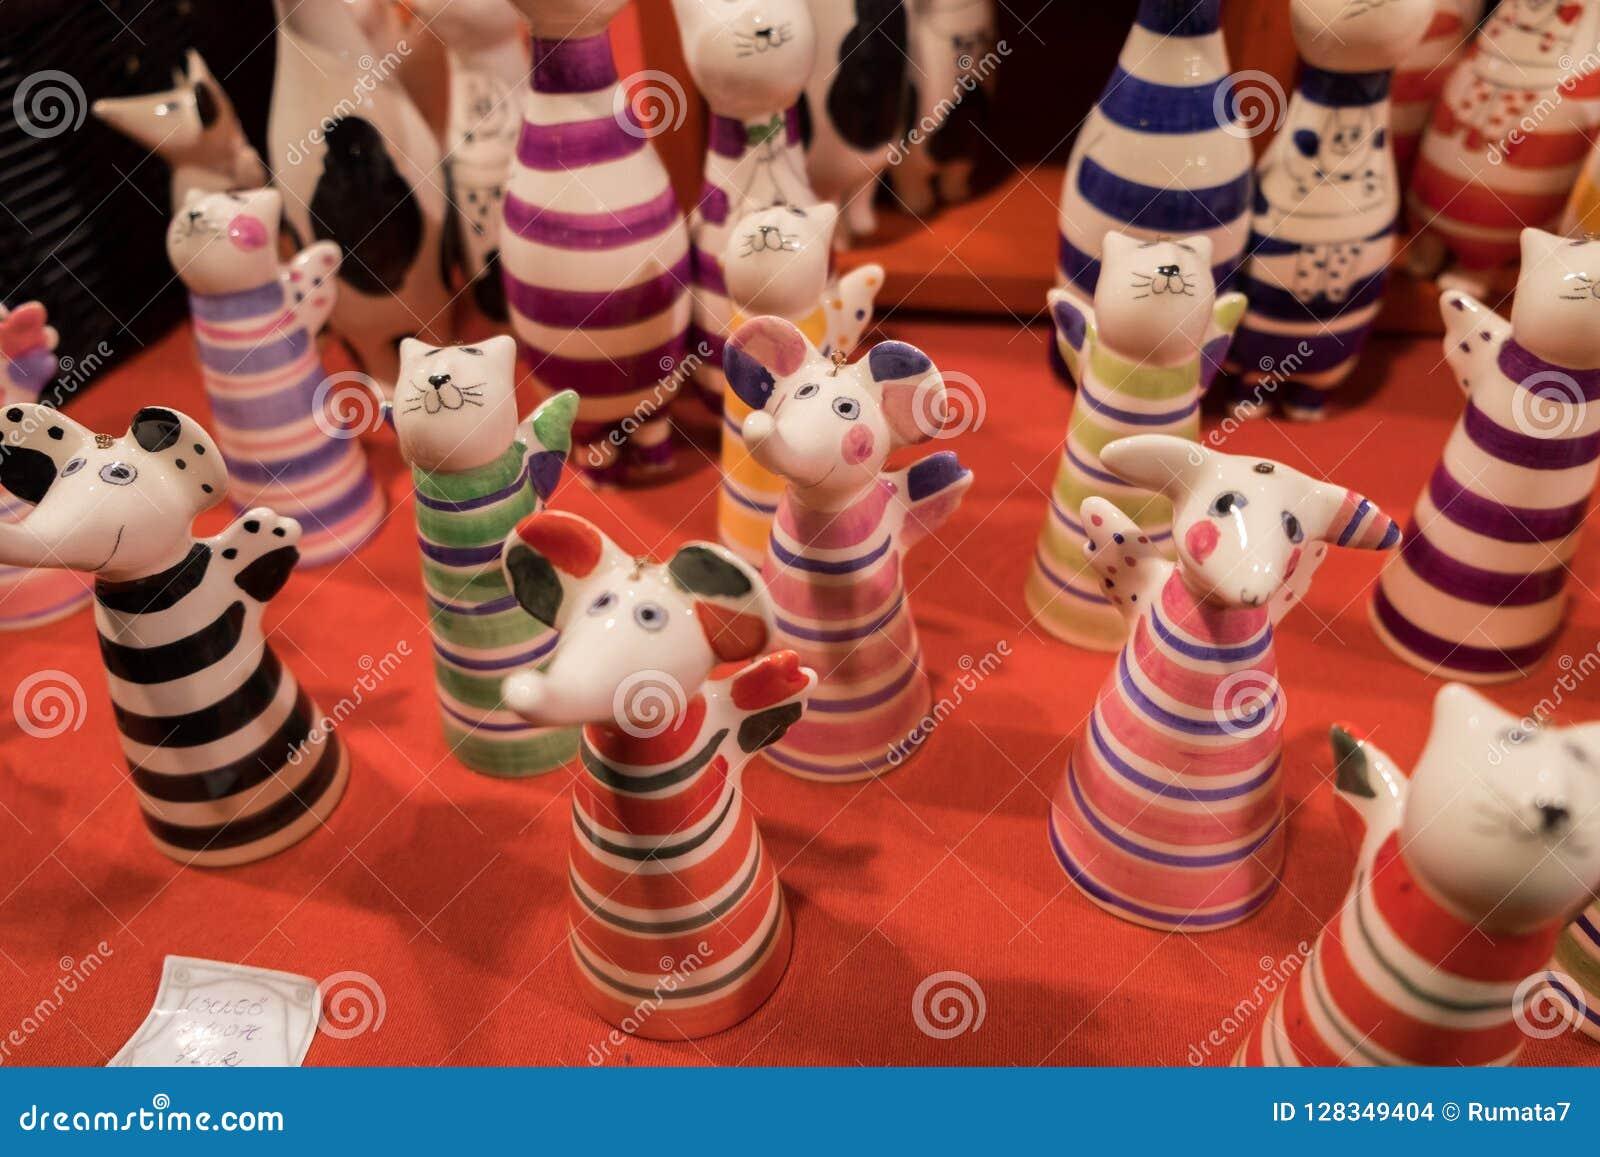 Gatos e estatuetas cerâmicos engraçados dos mouses para a venda